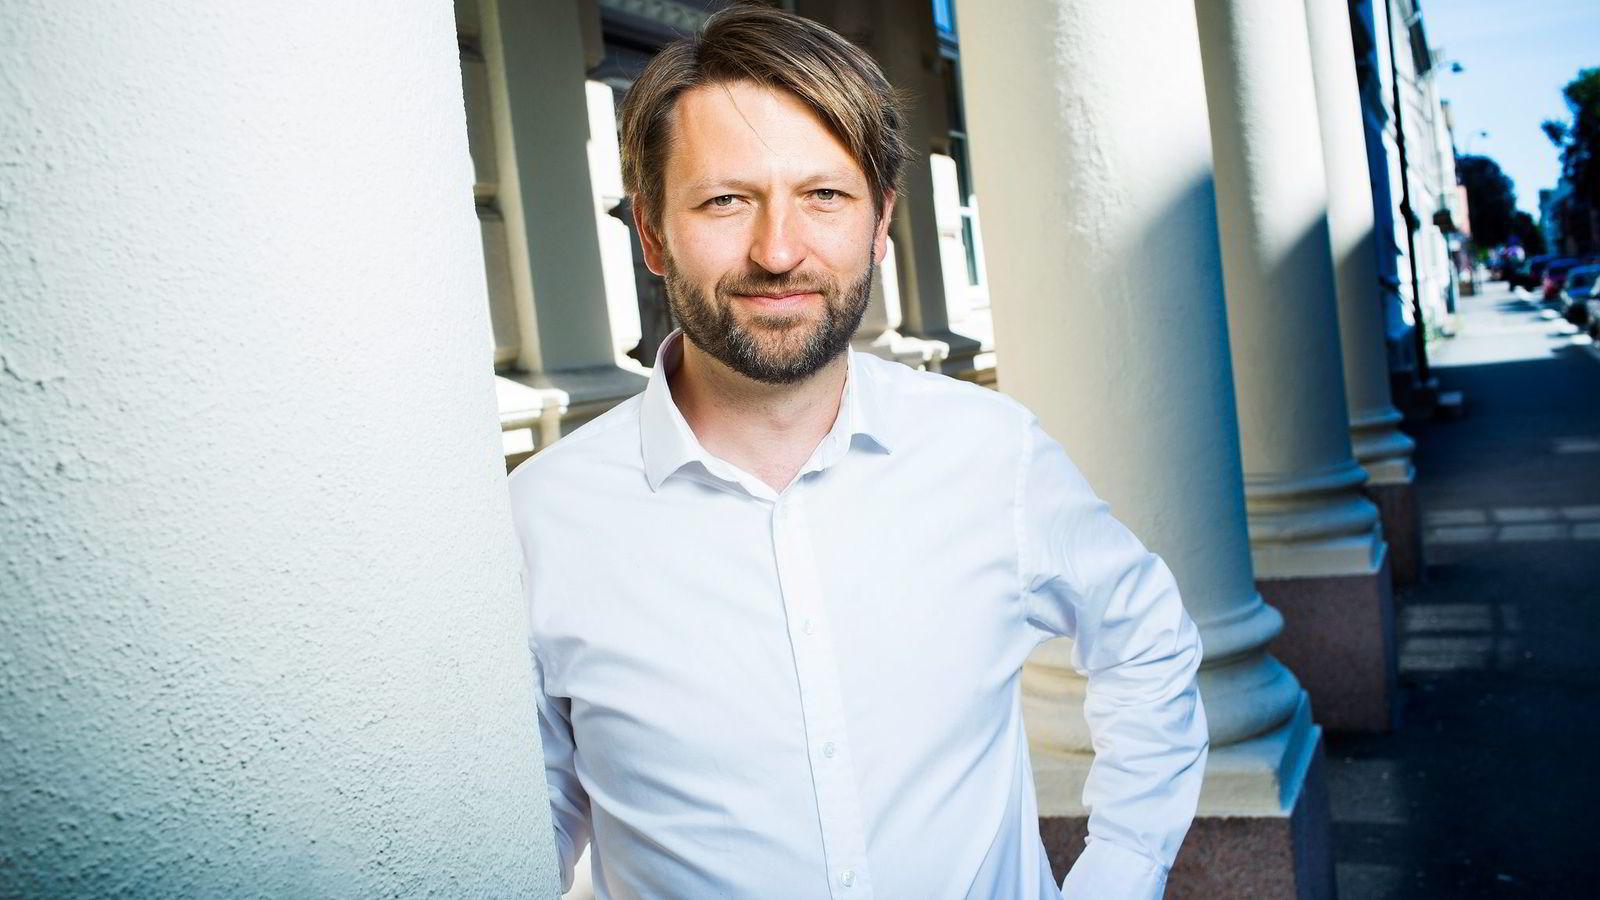 Oslos finansbyråd Eirik Lae Solberg mener dagens ytelsesordning må erstattes. Foto: Sondre Steen Holvik